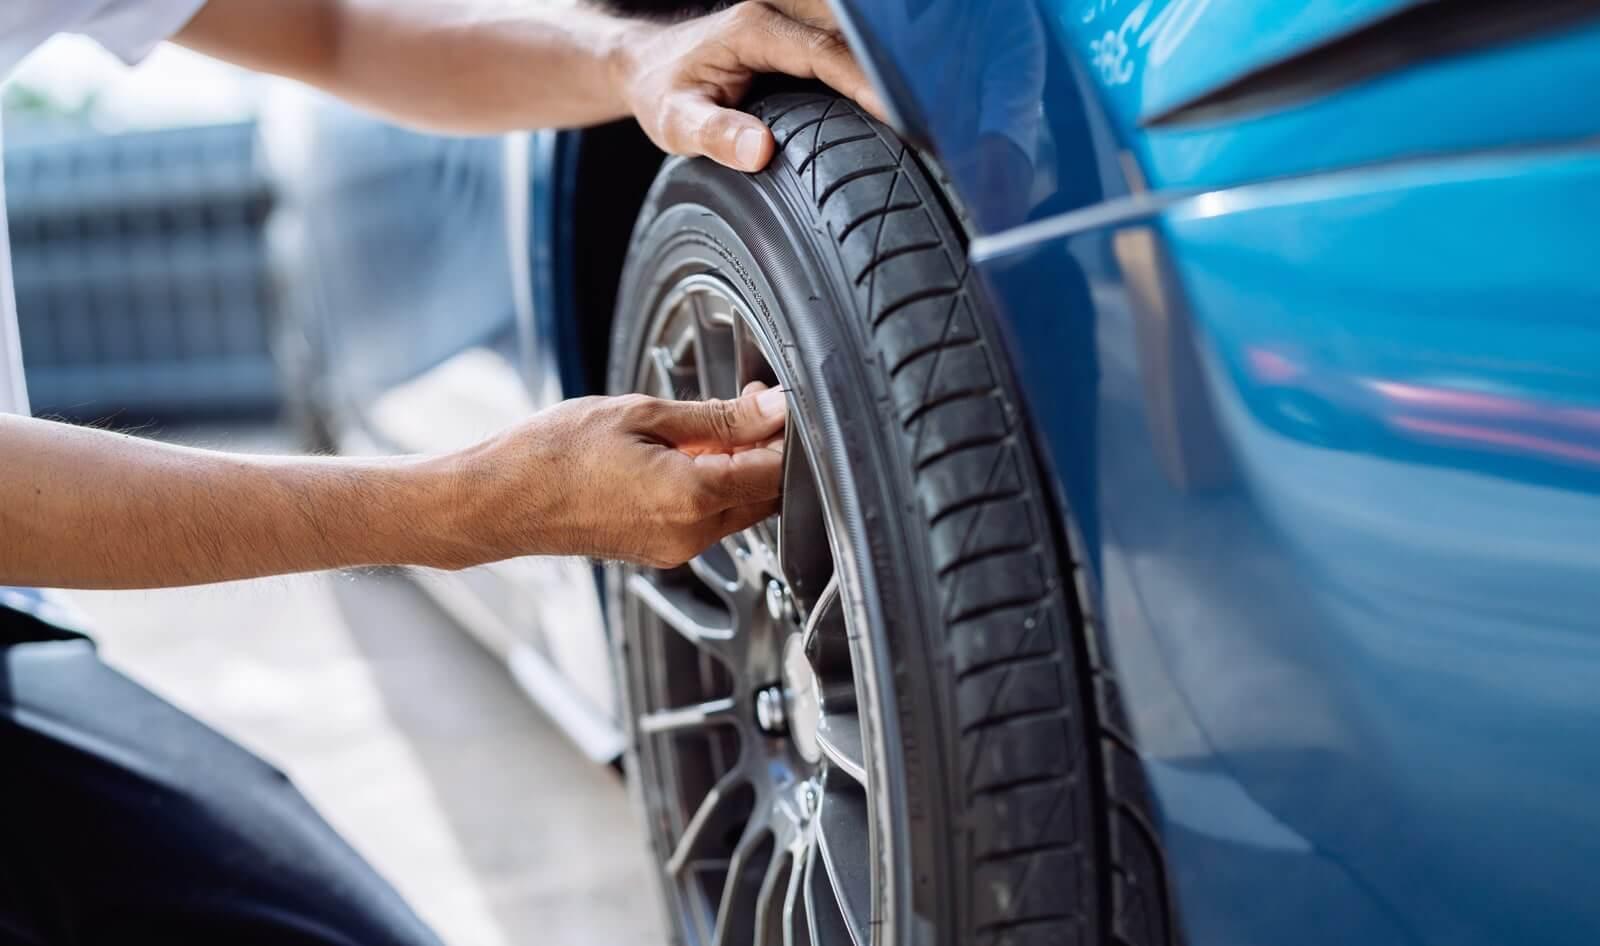 revisión de neumáticos antes de viajar